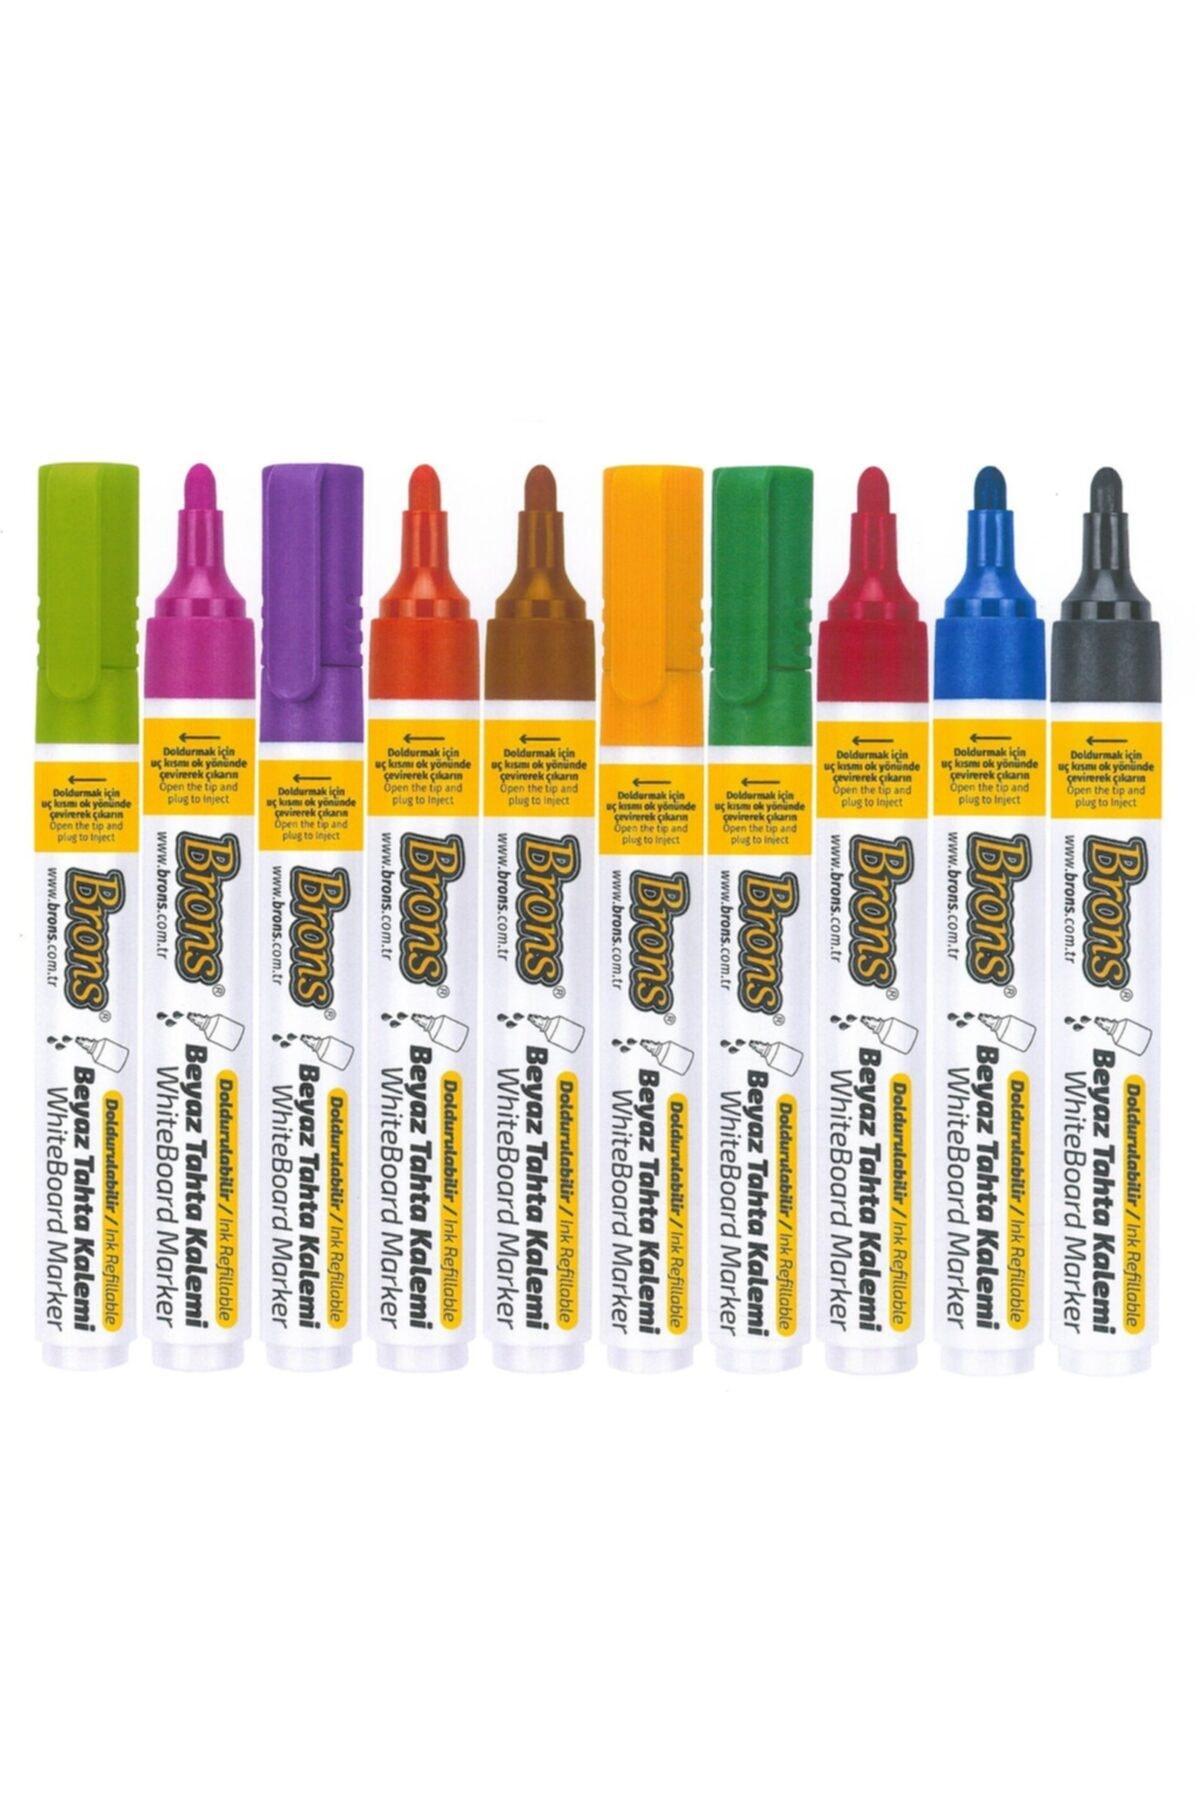 Brons Tahta Kaemi Doldurulabilen 10 Farklı Renk Ve Tahta Silgisi 1